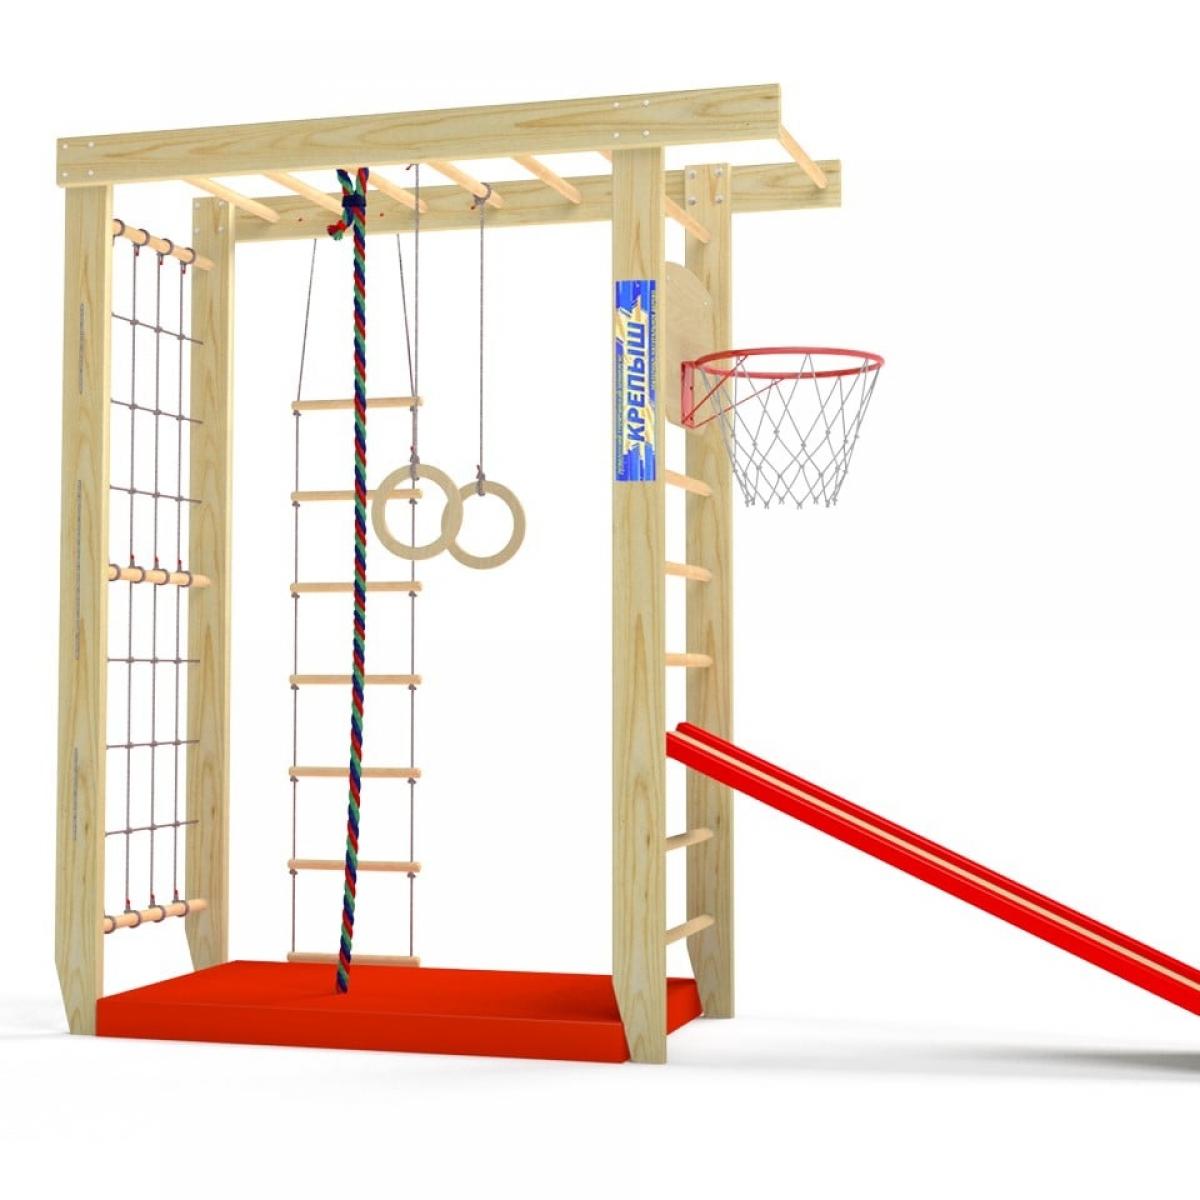 Спортивный комплекс Крепыш П-образный с верхним турником (шведская и гладиаторская стенки)